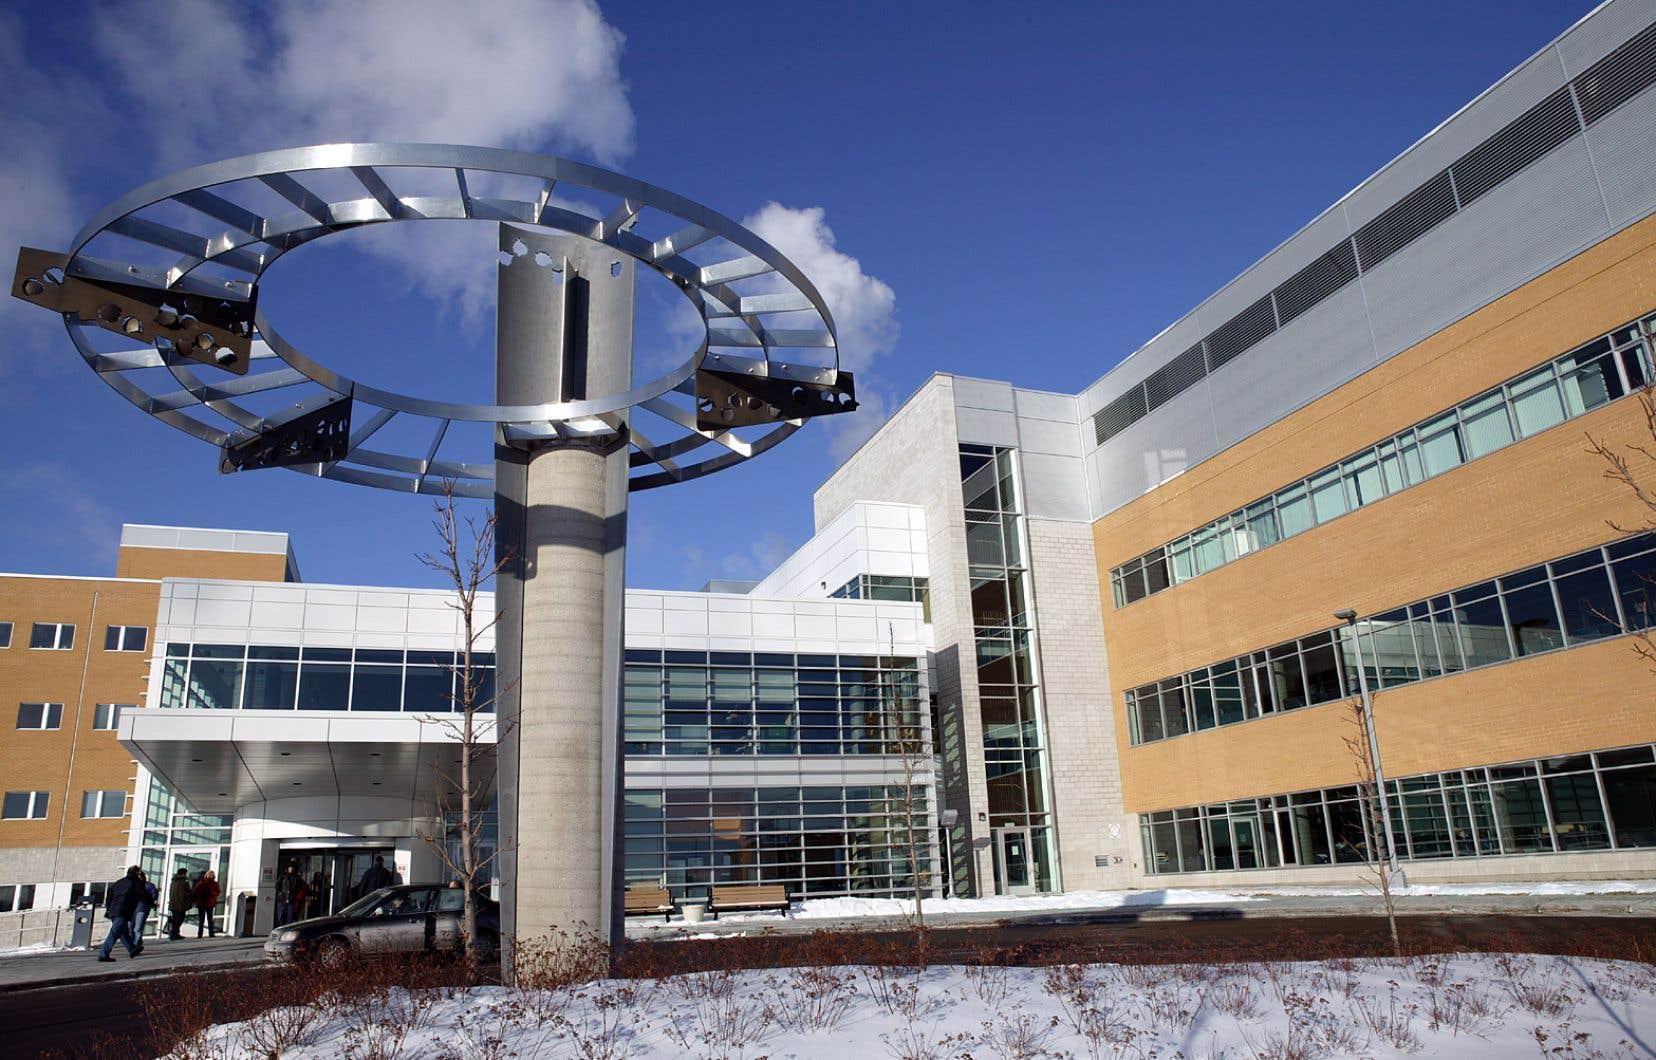 Depuis deux semaines, plus d'une vingtaine de médecins spécialistes travaillent en alternance dans une «unité COVID-19» de l'hôpital Pierre-Le Gardeur, à Terrebonne.